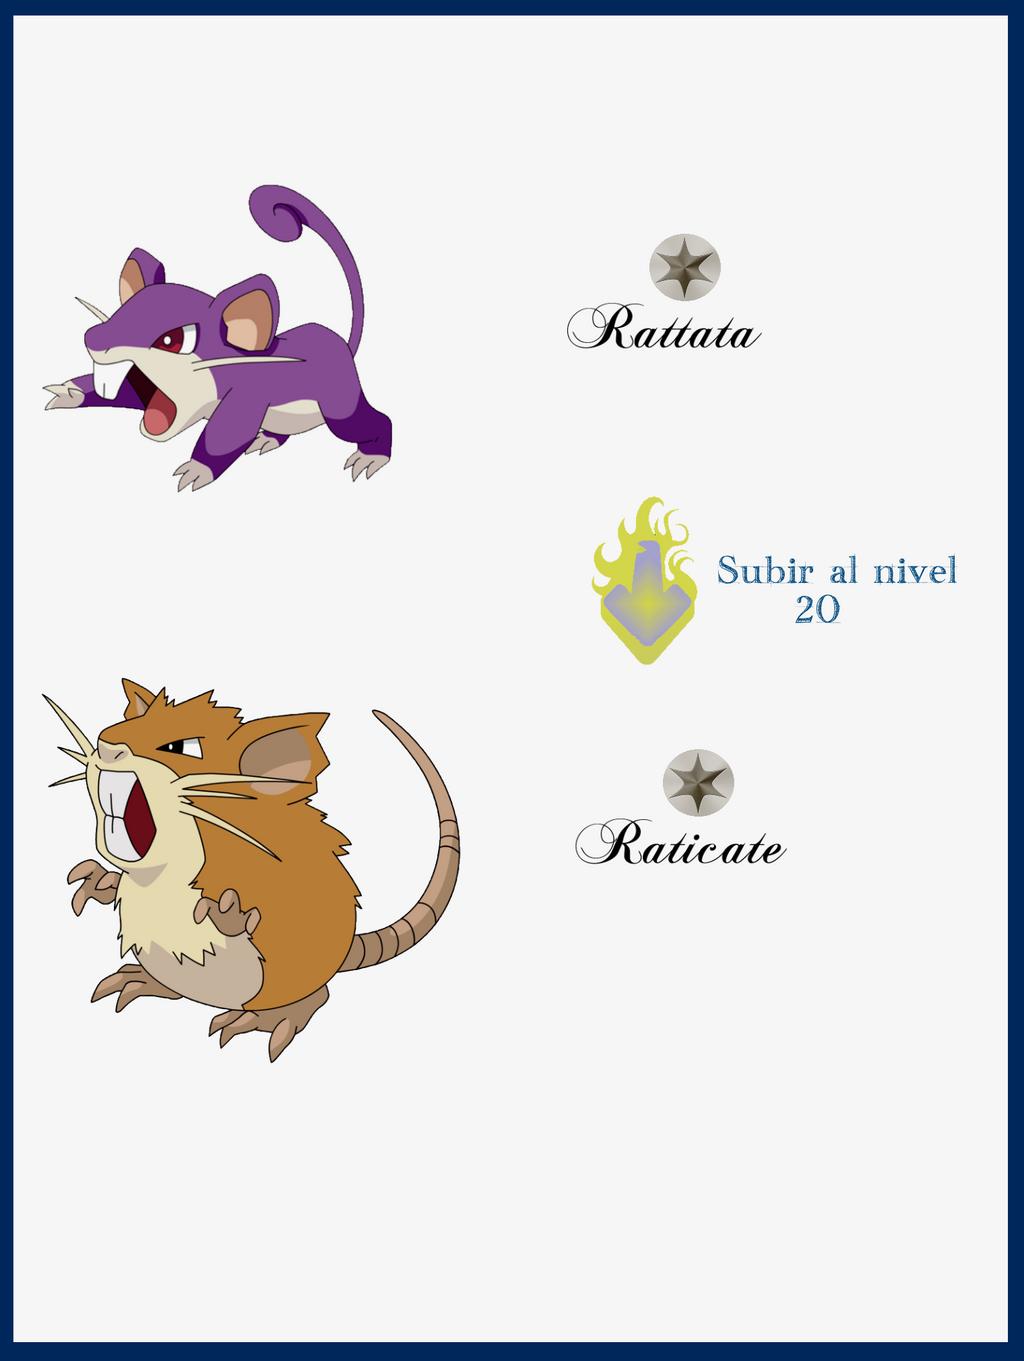 Vulpix Pokémon  Bulbapedia the communitydriven